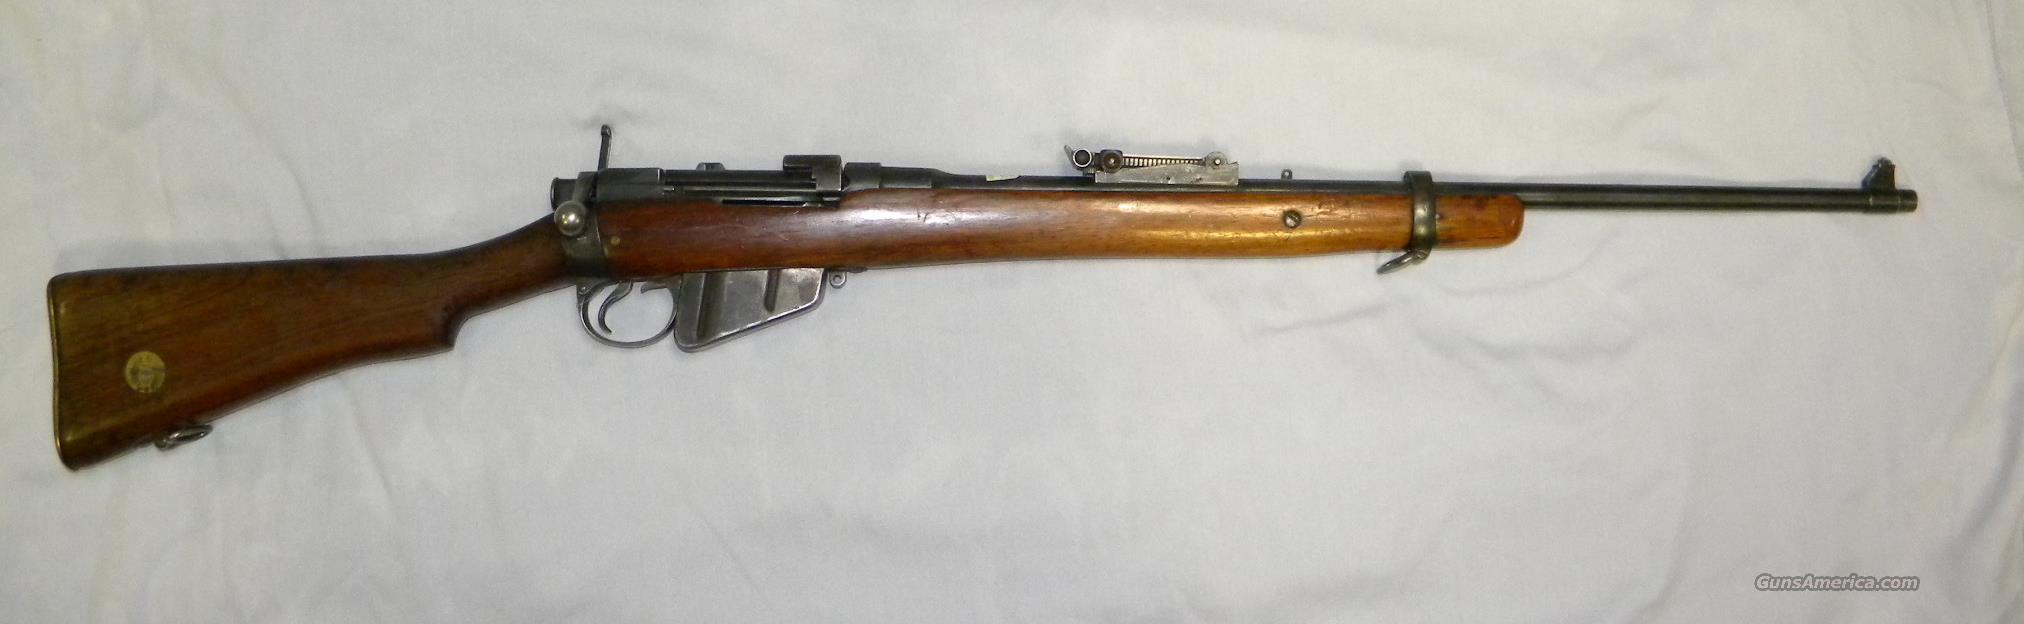 Lee-Enfield S M L E  MkI,  303 Brit Bolt-Action Rifle